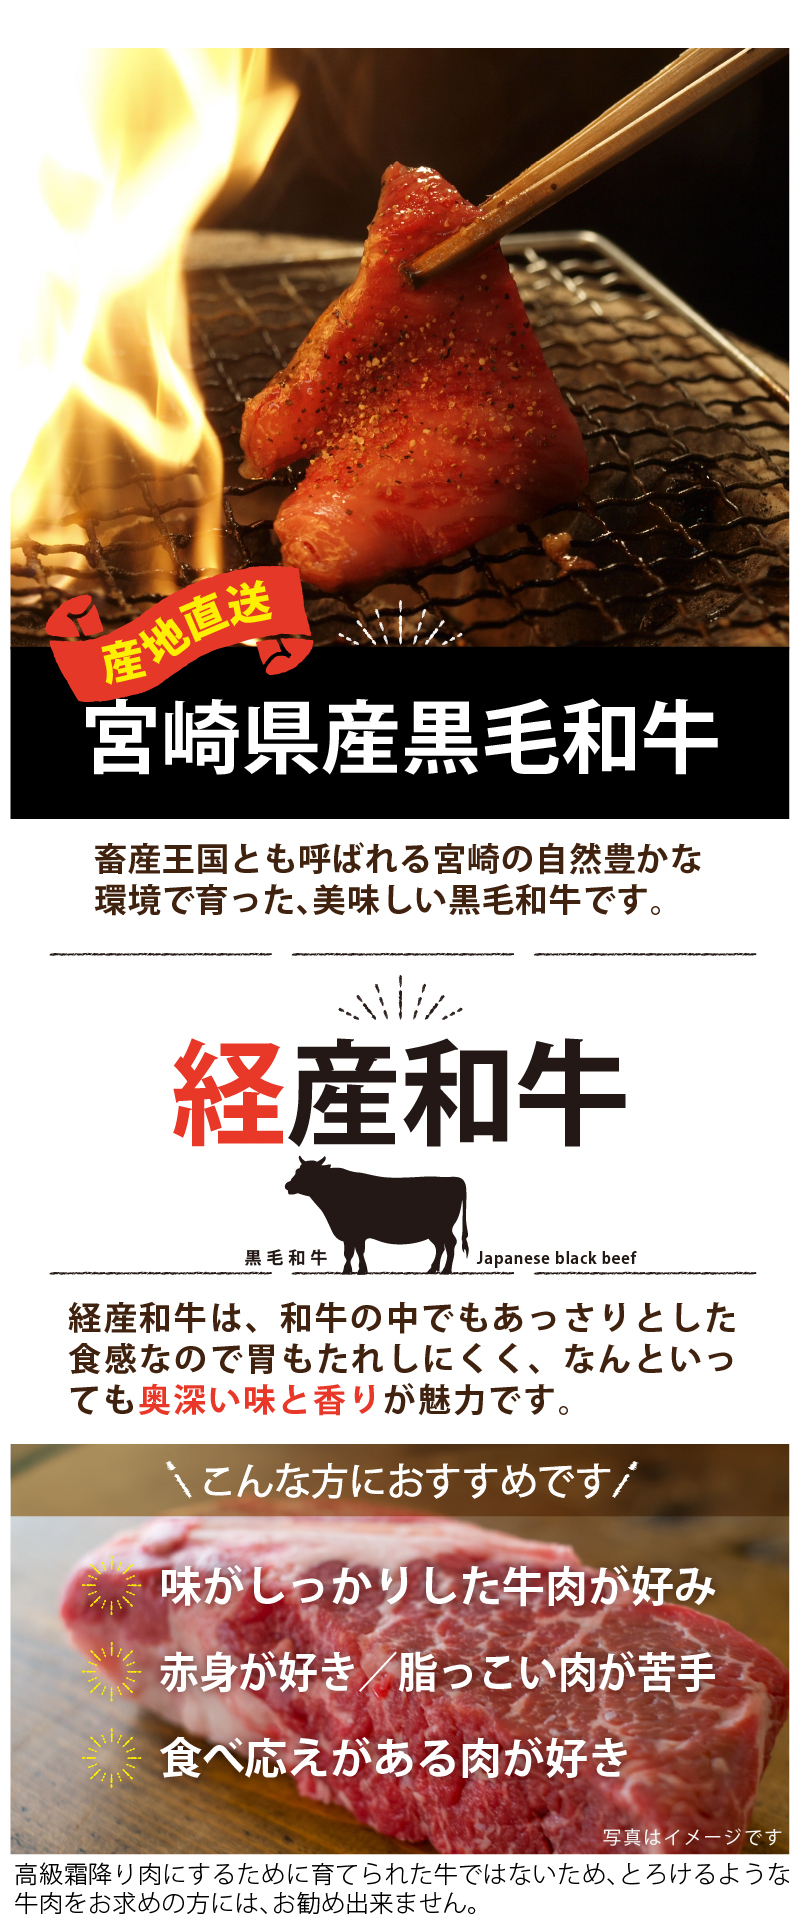 宮崎県産黒毛和牛サーロインブロック1kg